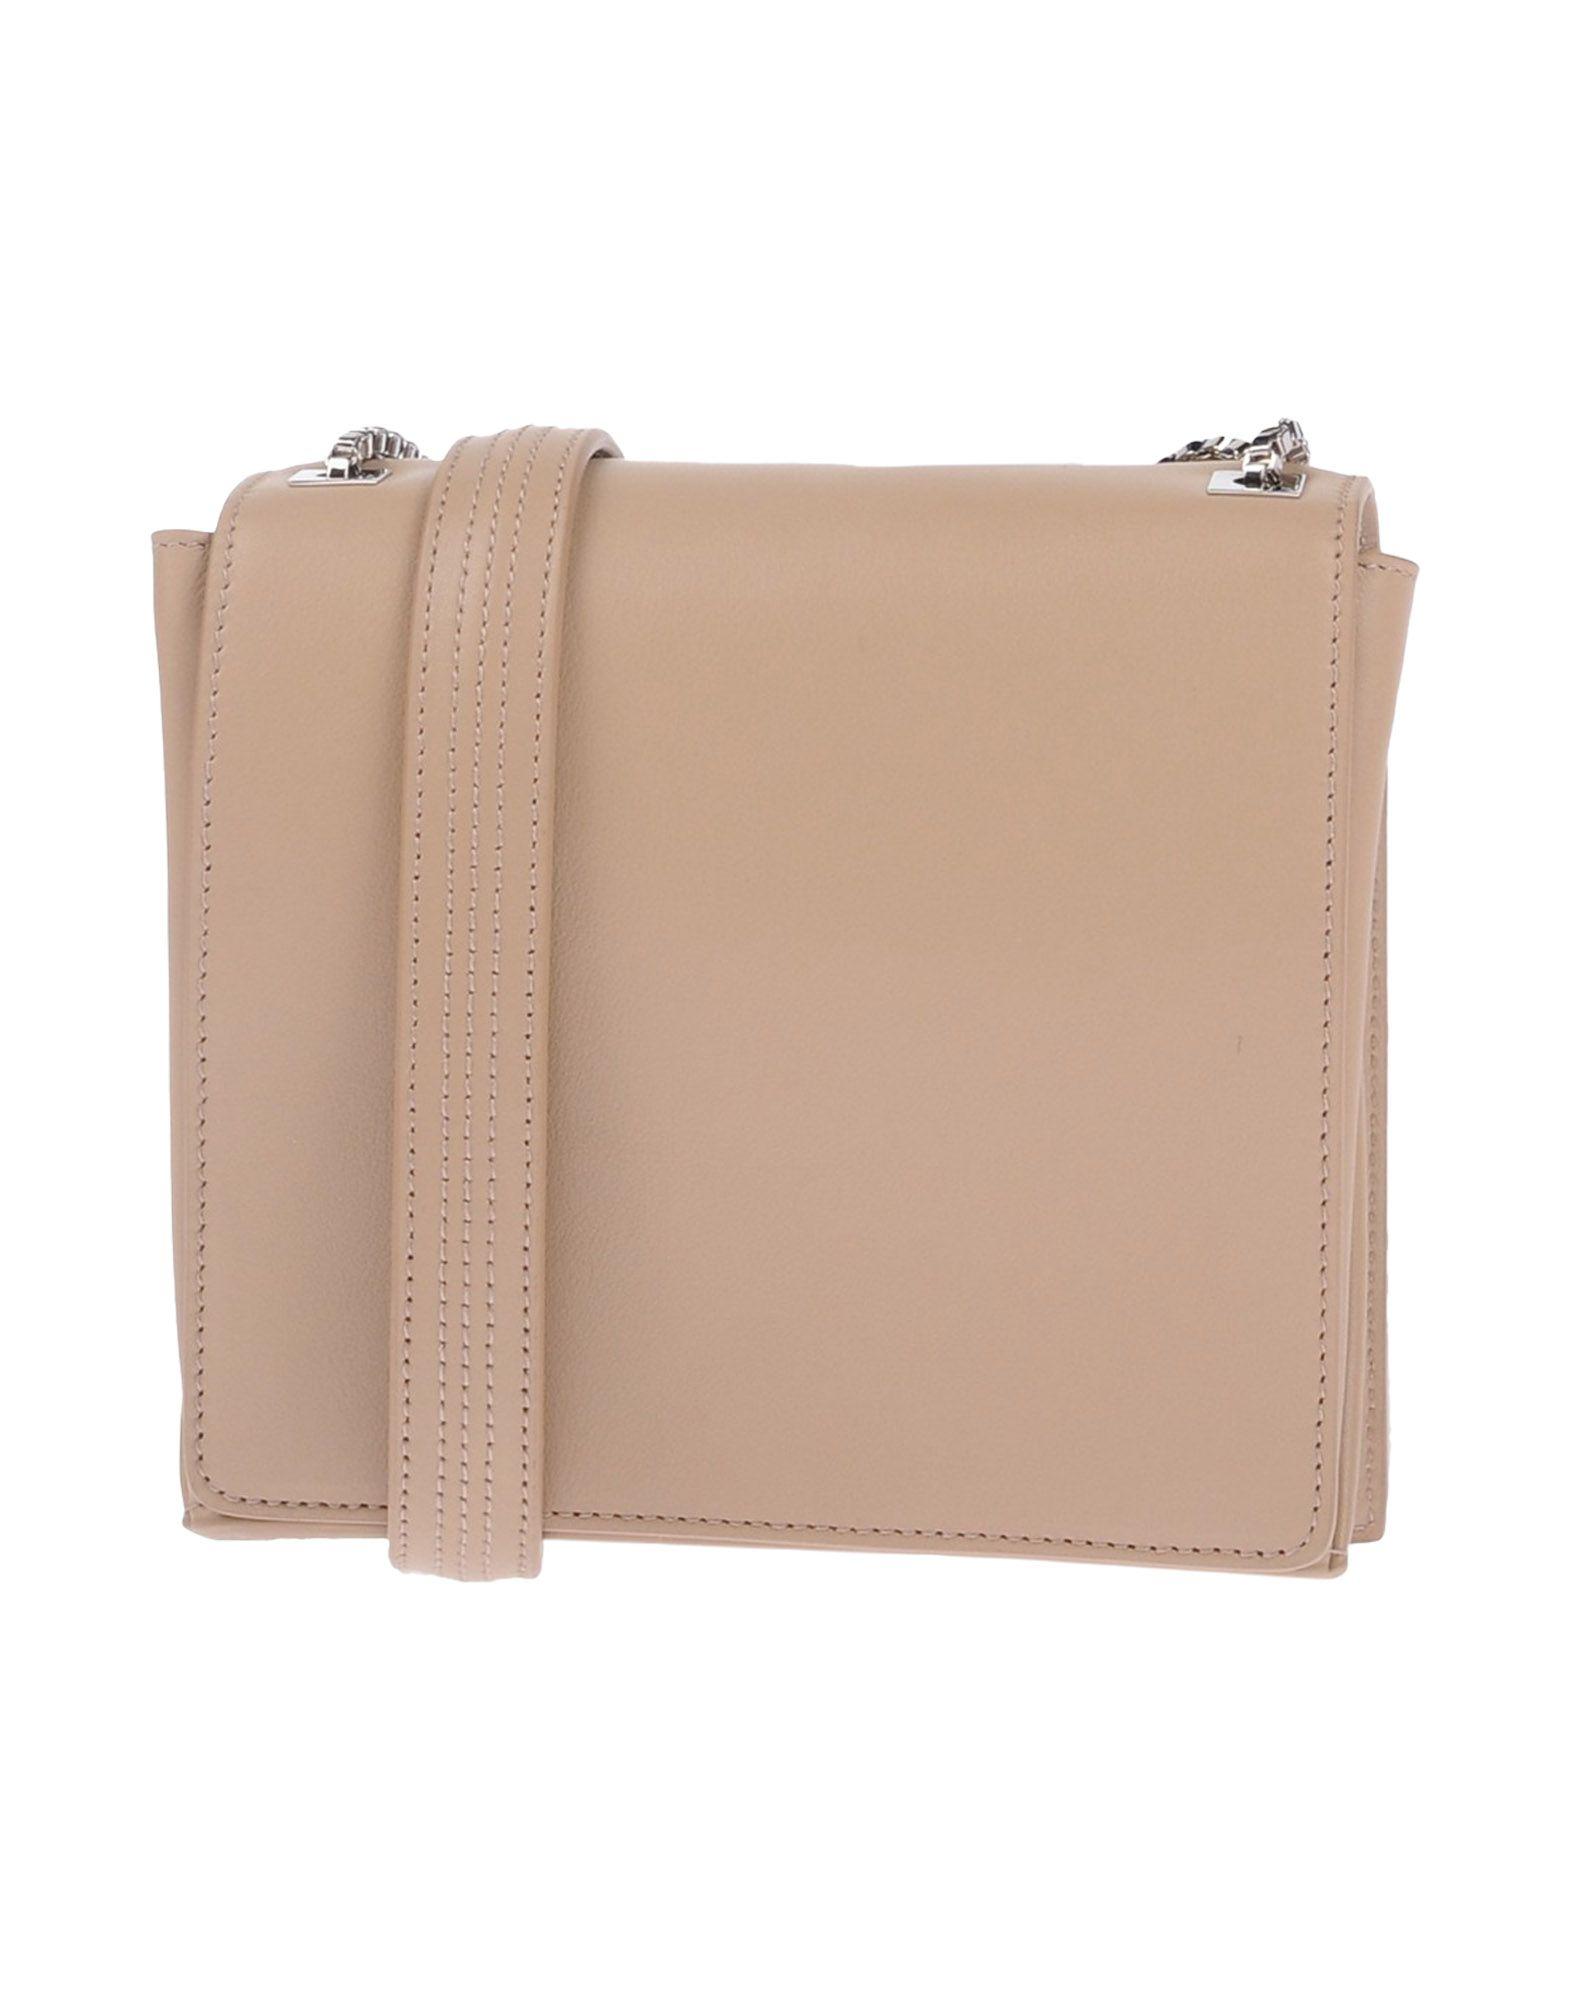 d4e1a333e7 Rochas Across-Body Bag - Women Rochas Across-Body Bags online on ...